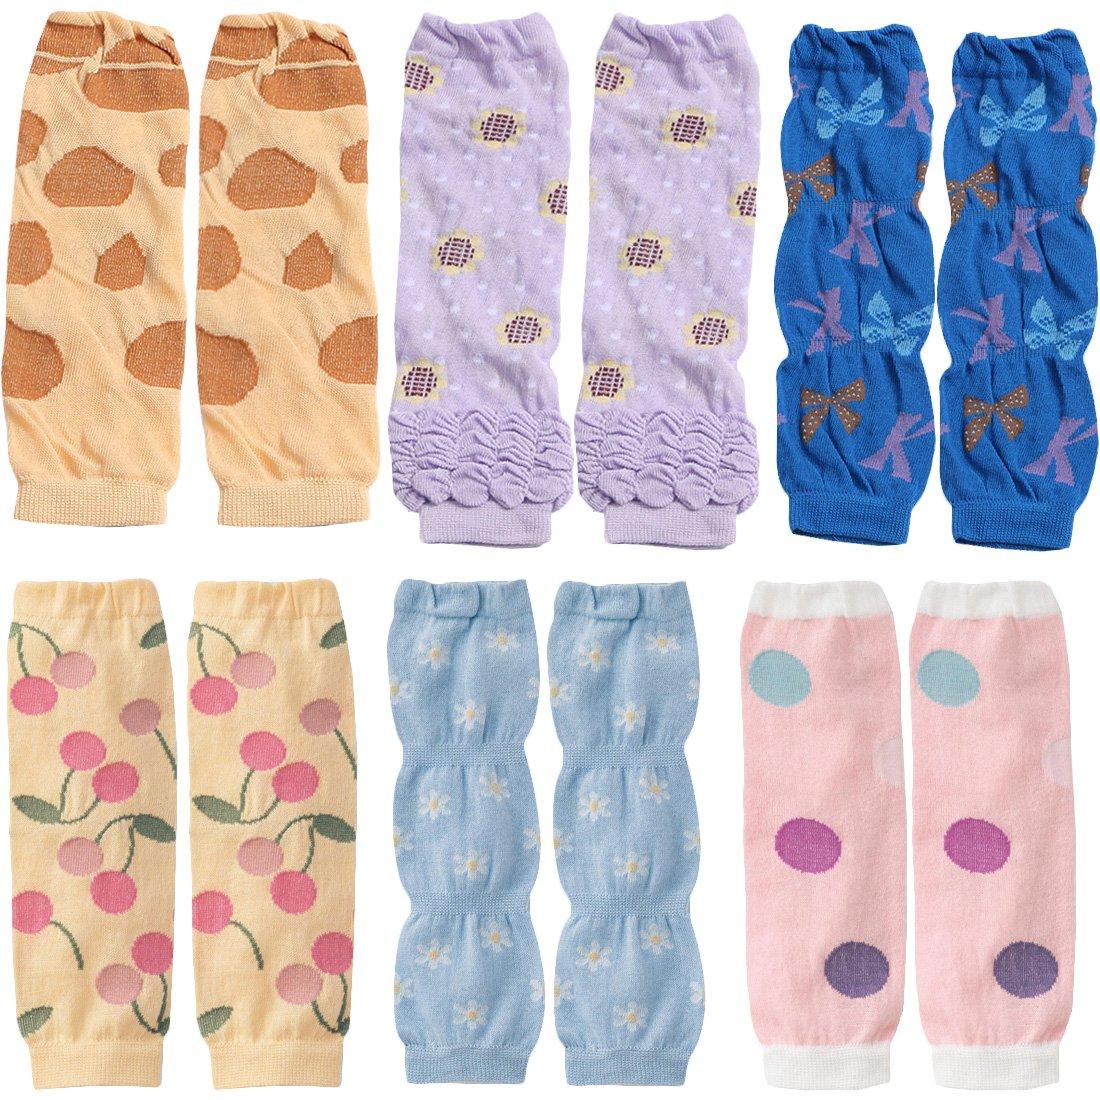 KF bebé 6pieza suave fina Summer calcetines de rodilleras manga calentadores de la pierna regalo Value Pack kilofly